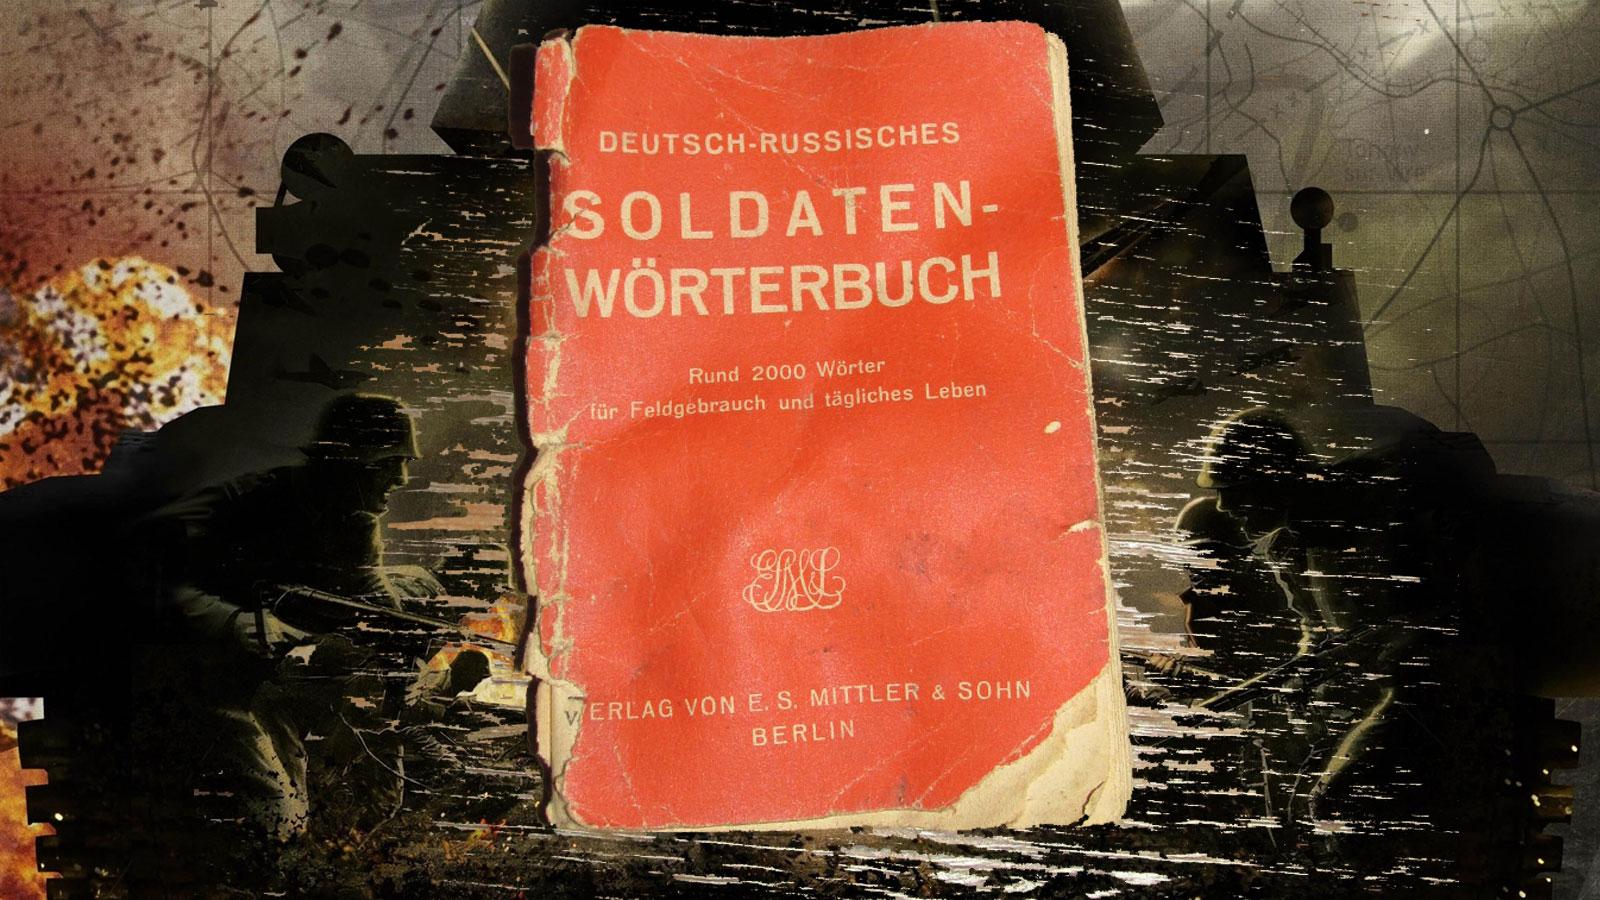 Deutsch-russisches Soldaten — Worterbuch fur Feldgebrauch und tagliches Leben